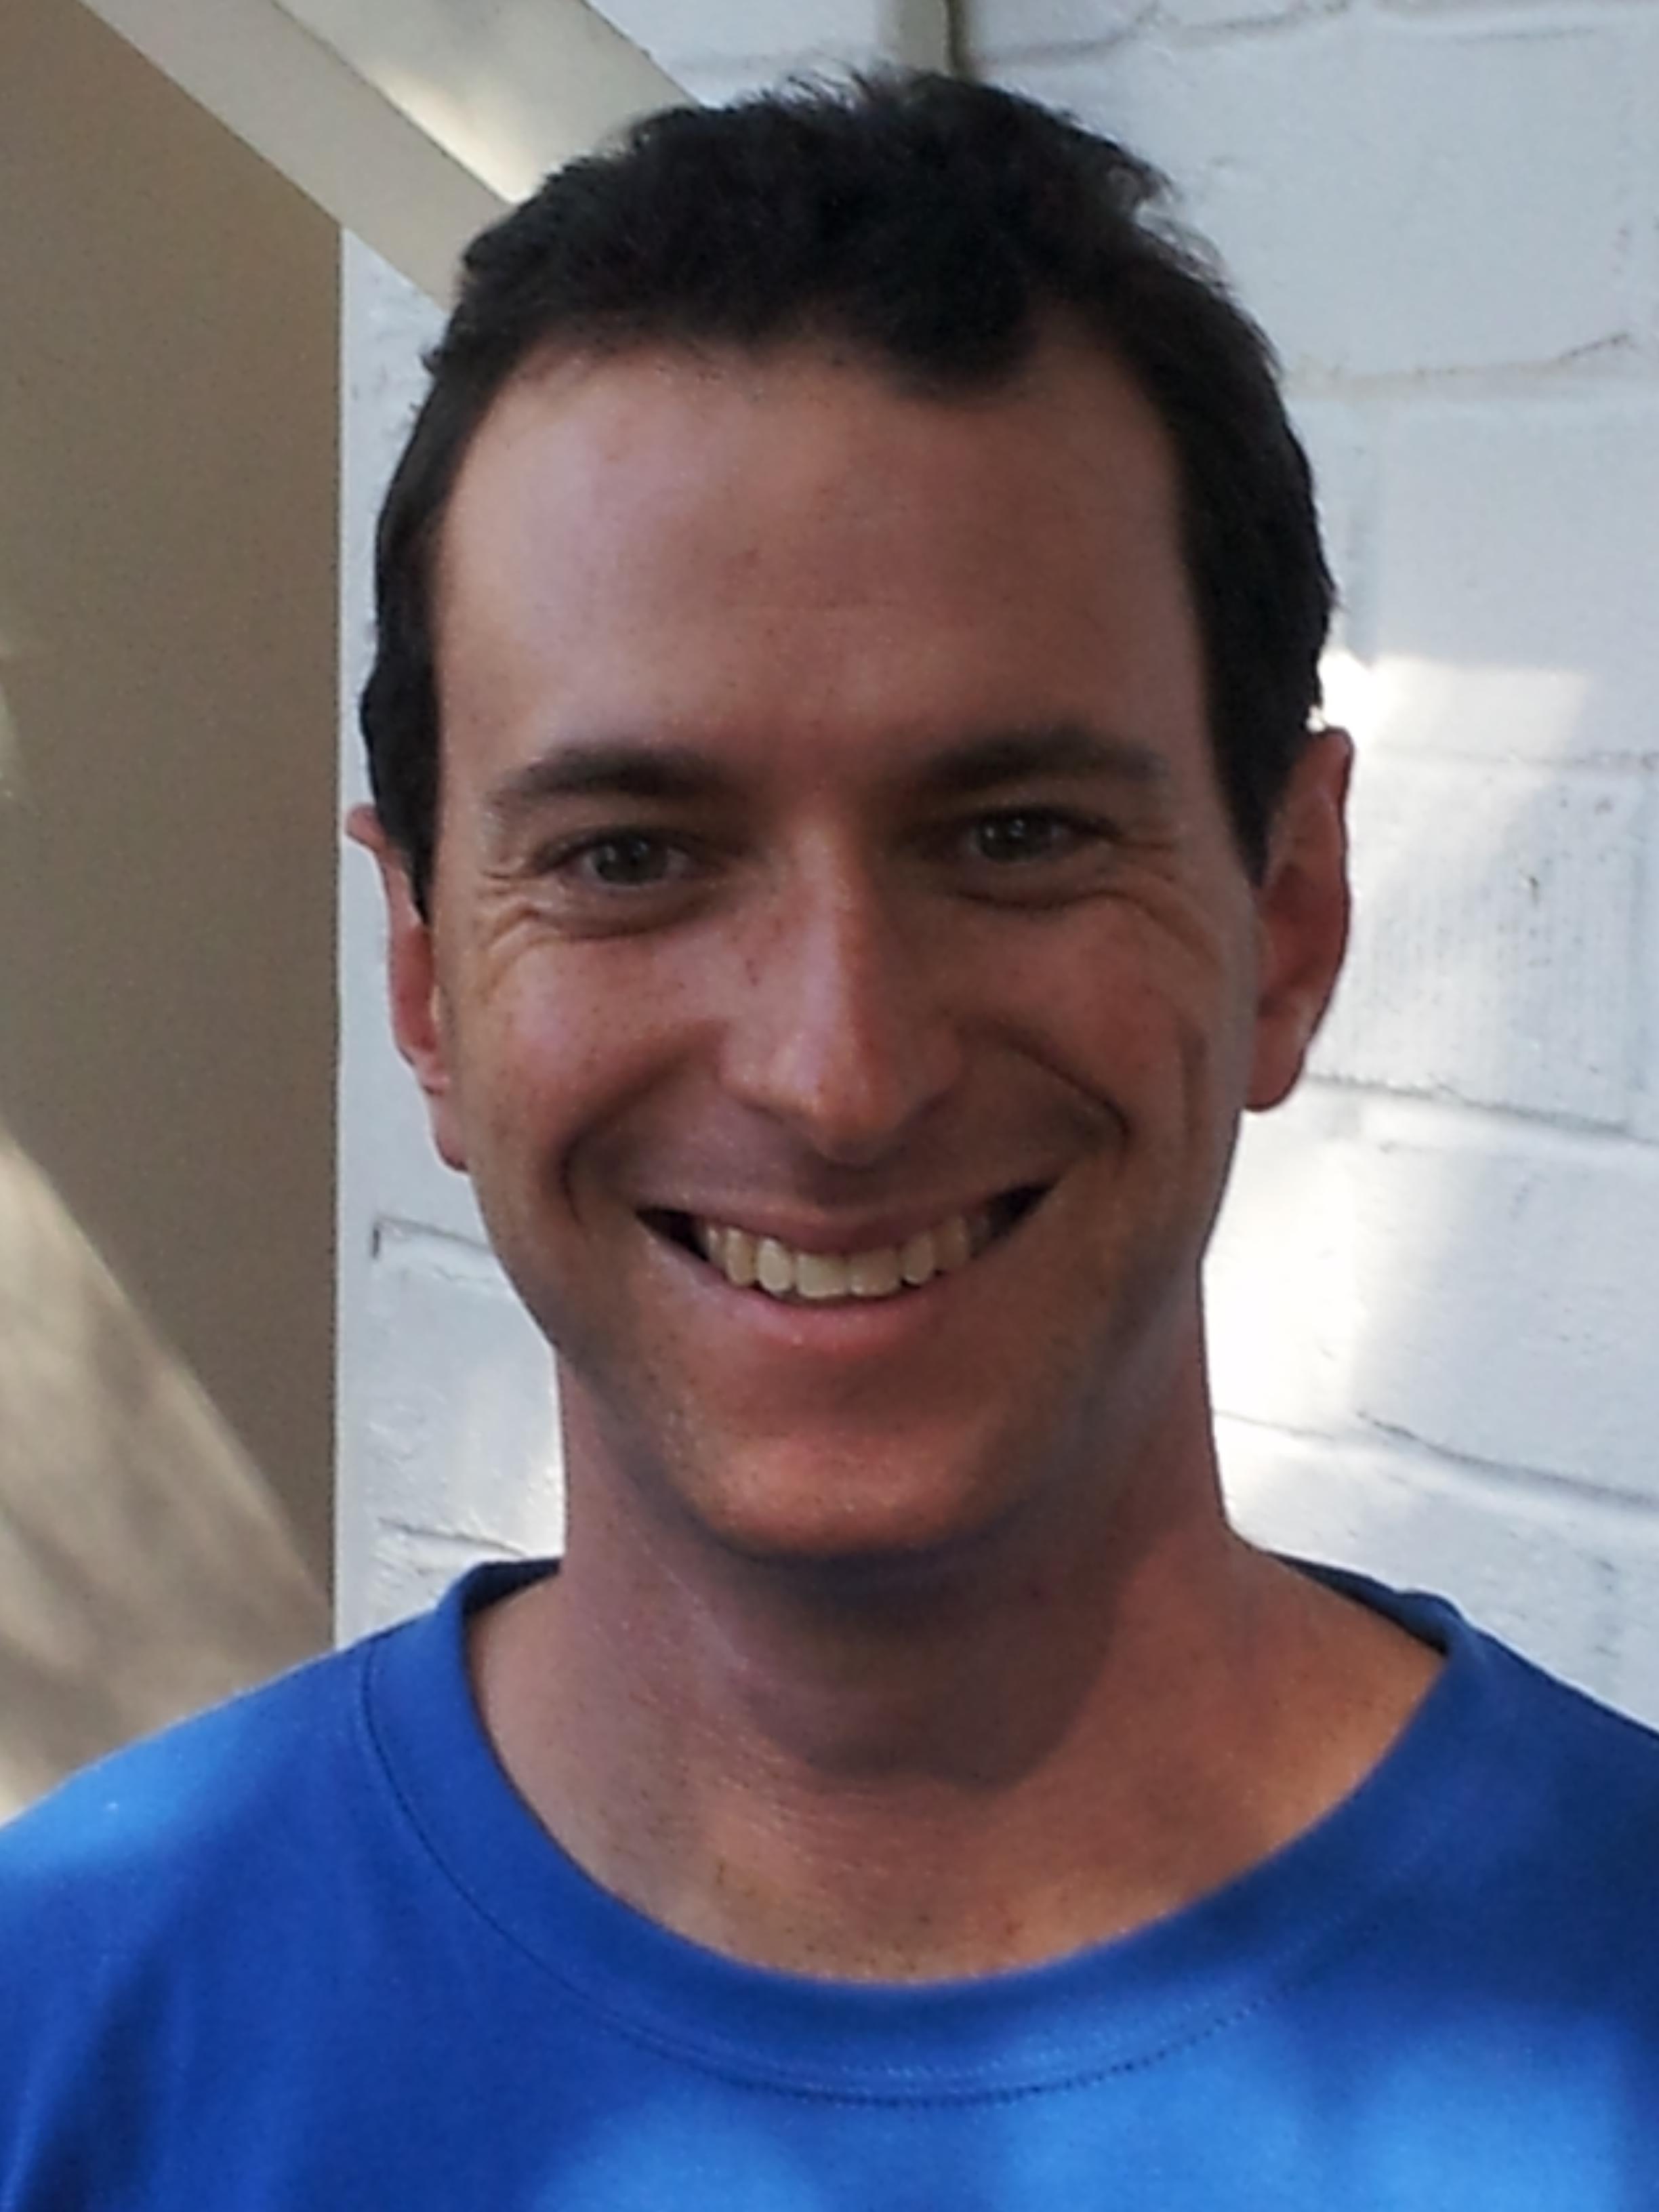 Daniel Sheining